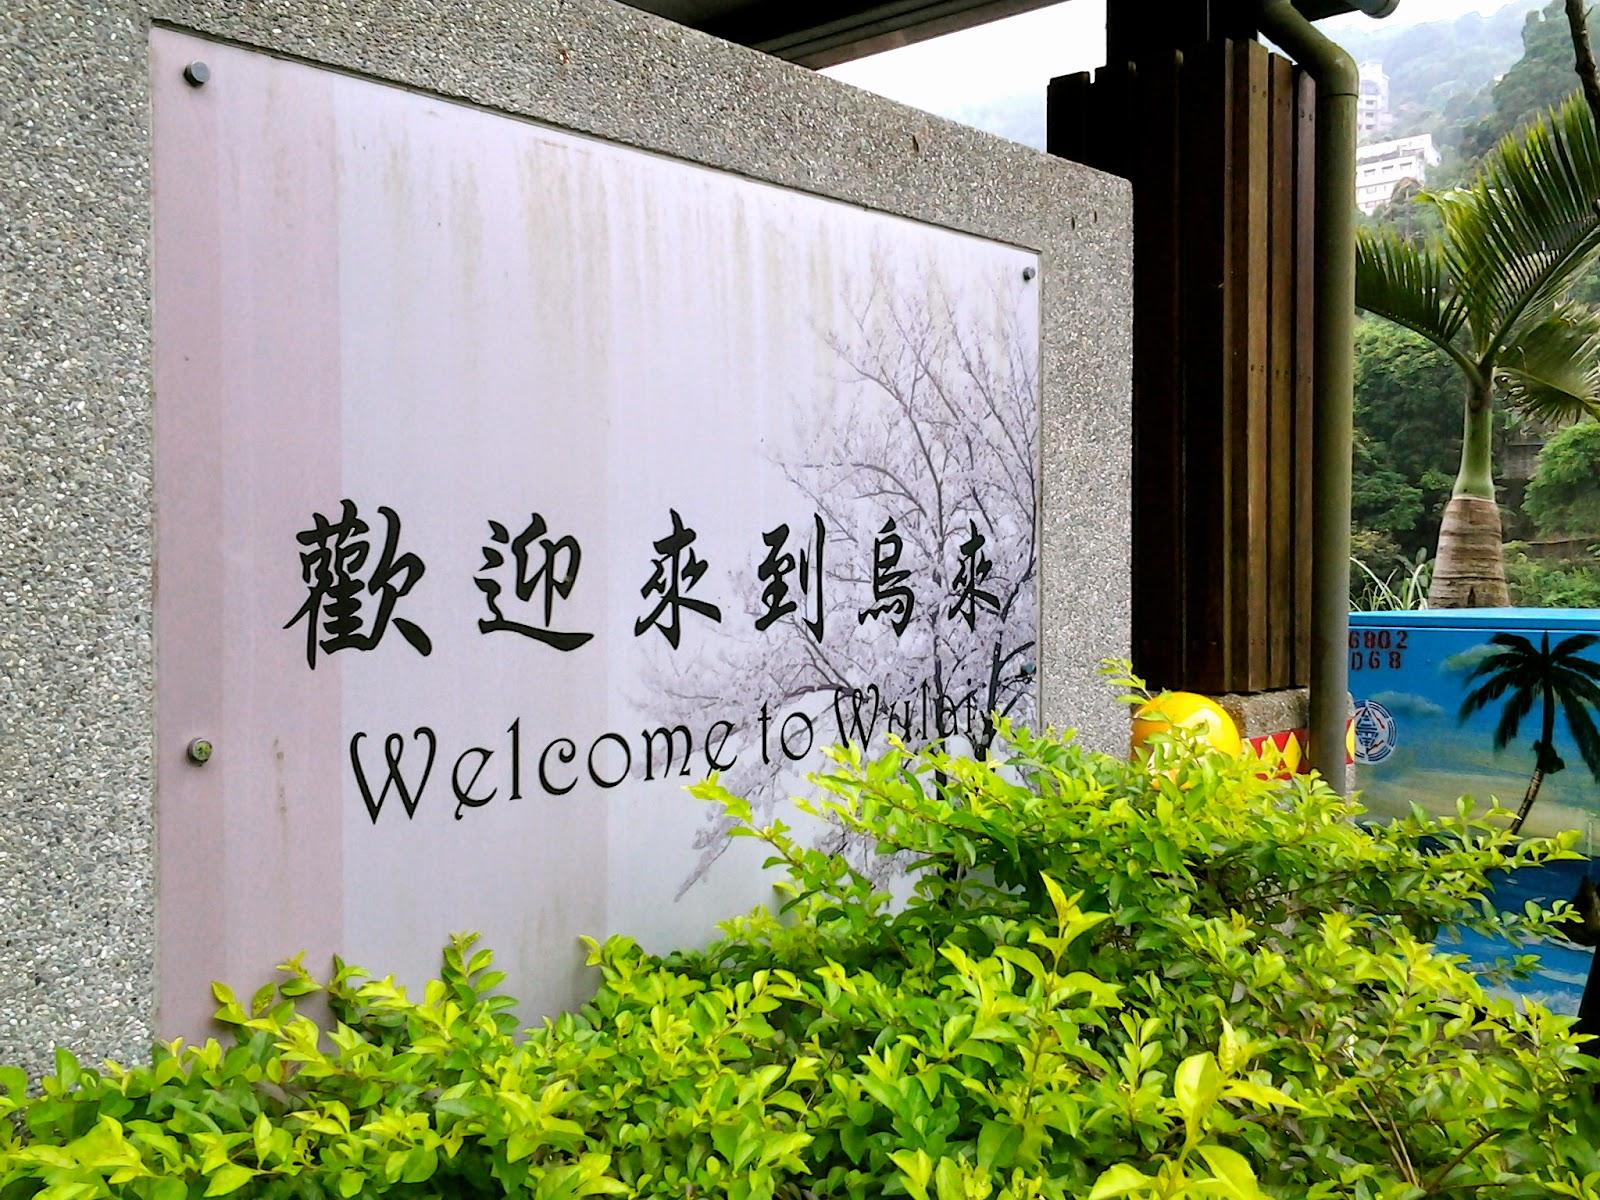 Welcome to Wulai Bus No 849 Taiwan